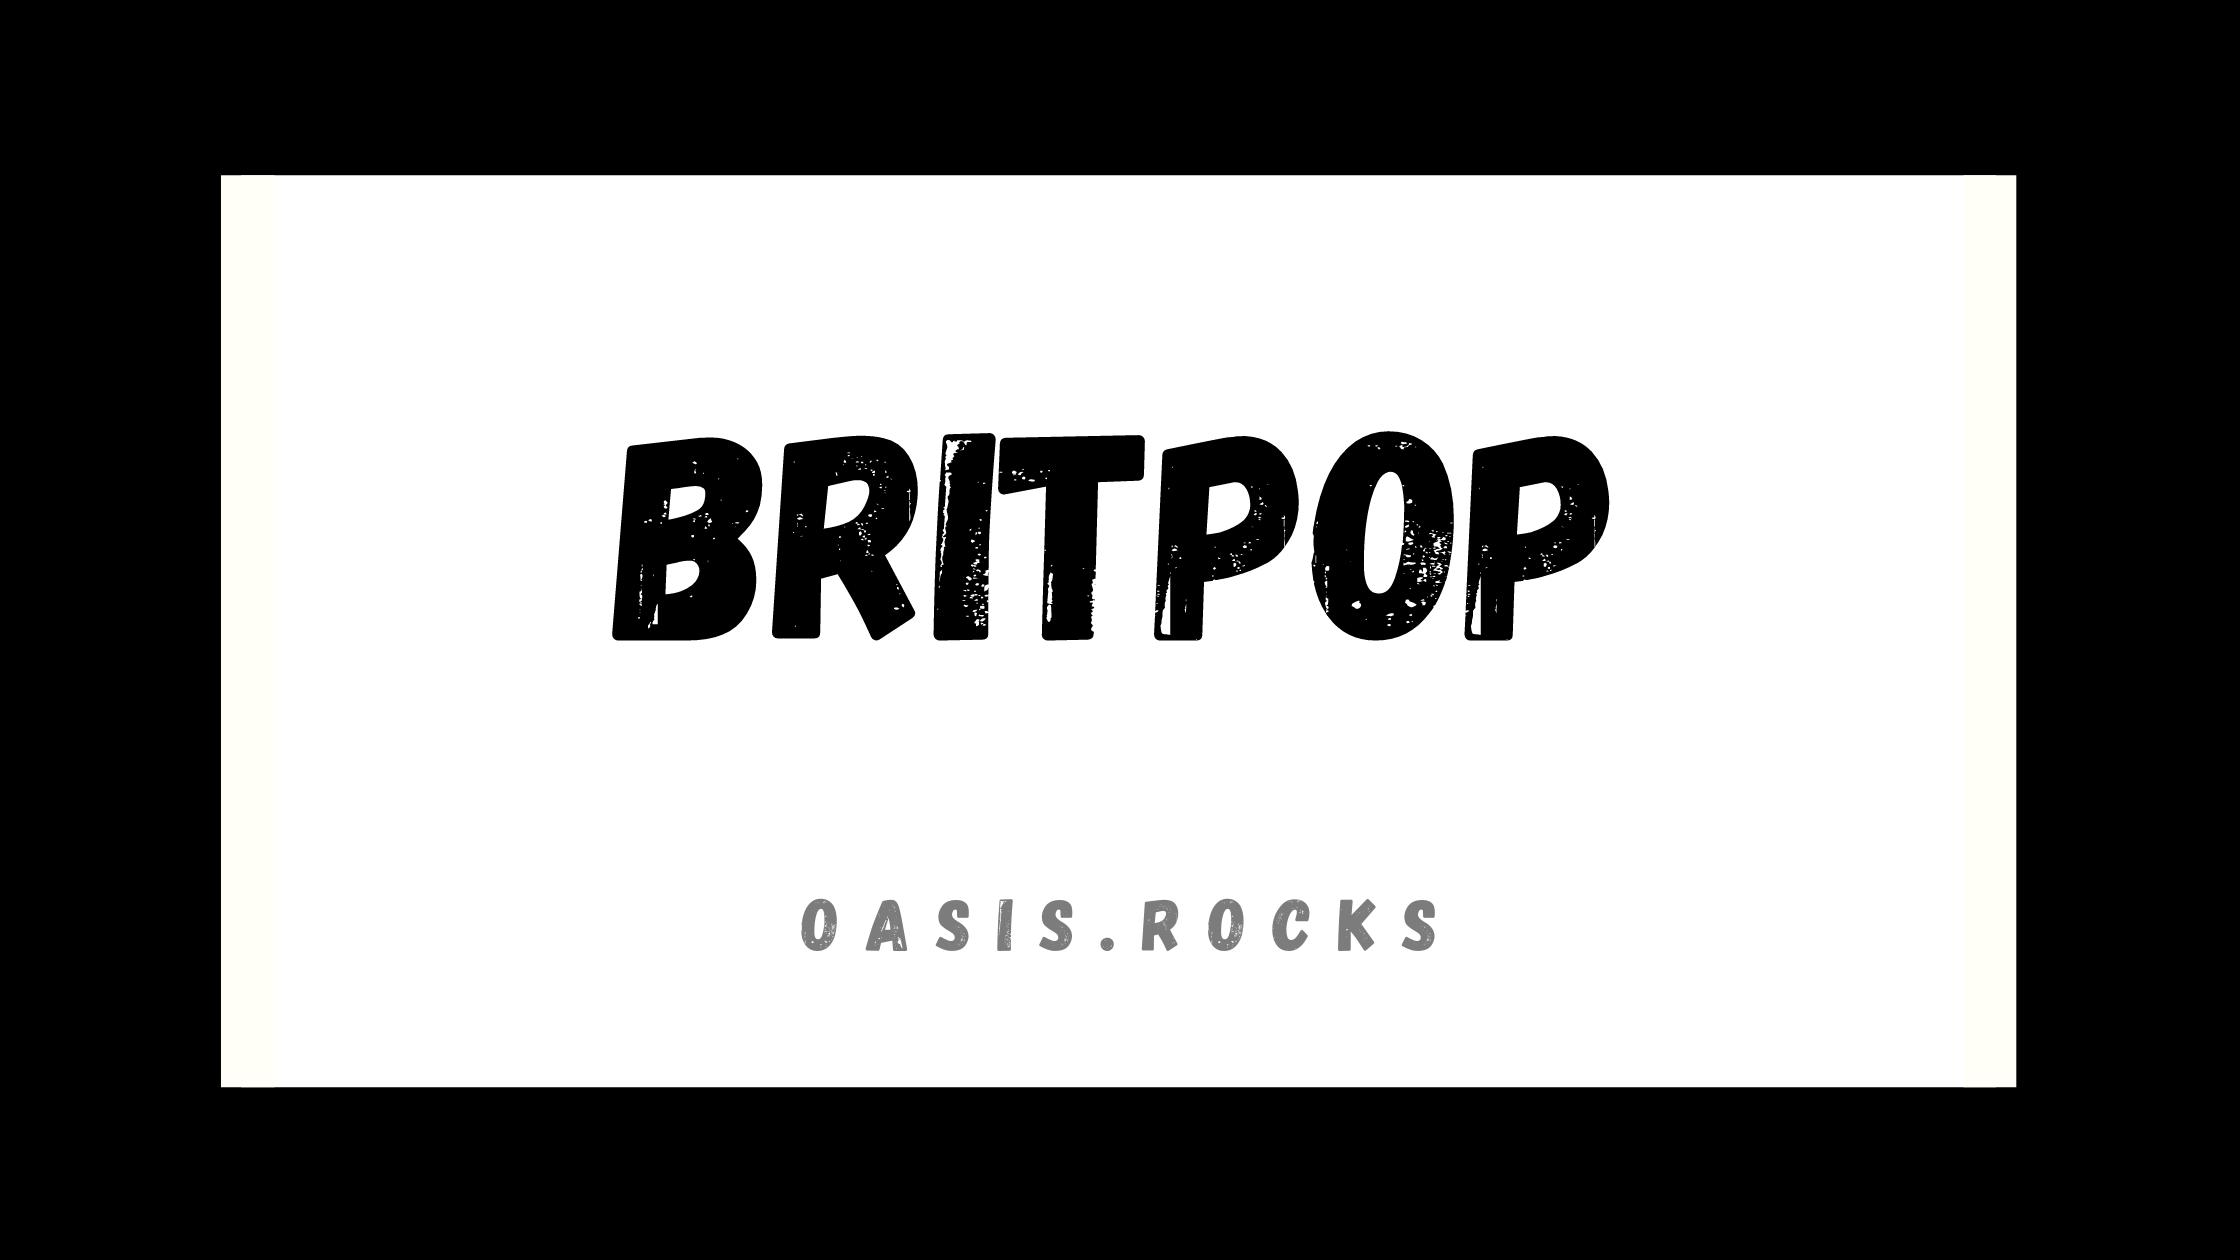 Oasis gehört dem Genre Britpop an, um das es hier geht.